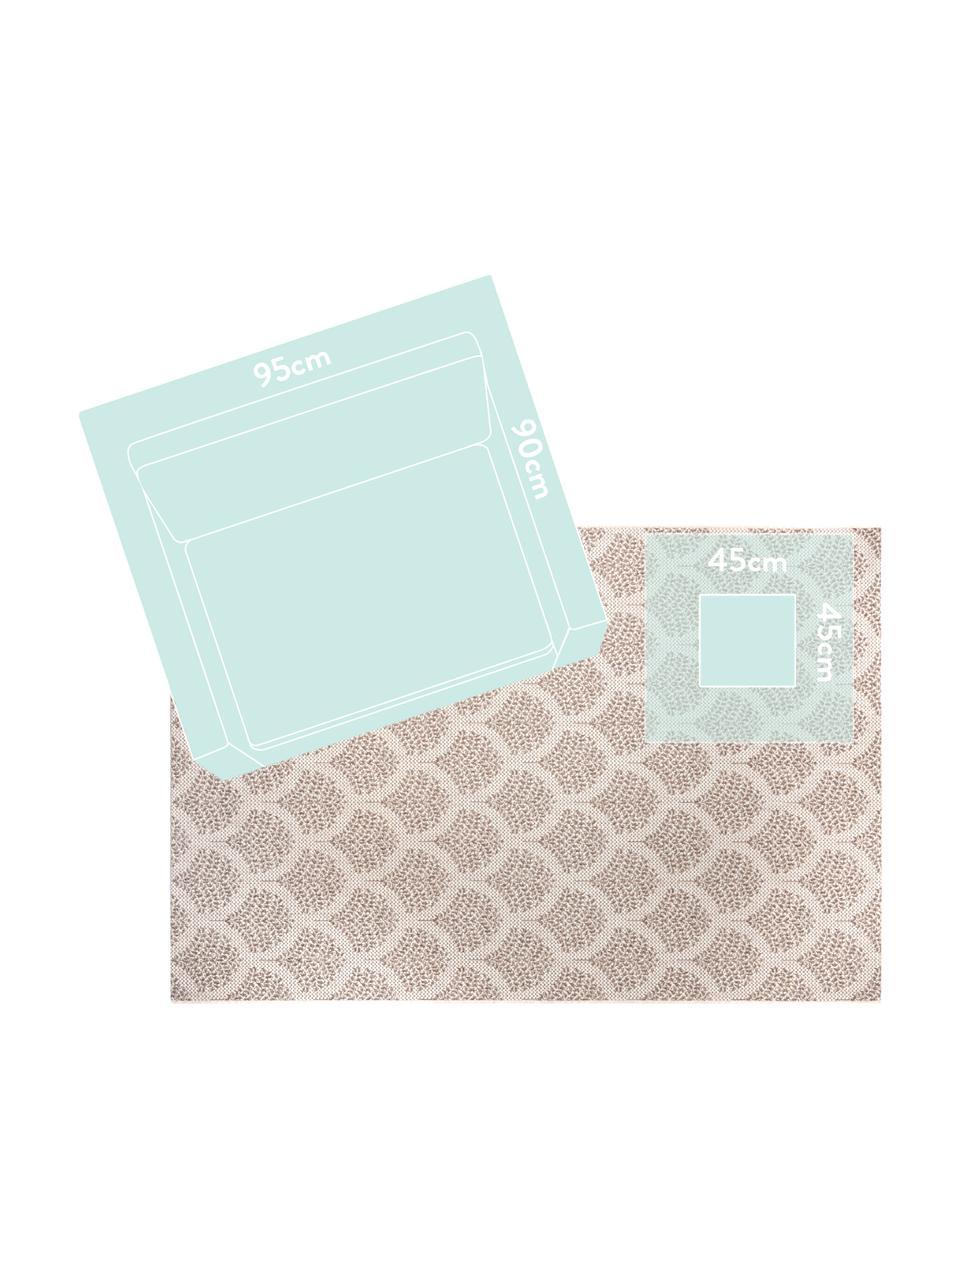 In- & outdoor vloerkleed met patroon Stan in beige/wit, 100% polypropyleen, Lichtbruin, lichtbeige, B 200 x L 290 cm (maat L)